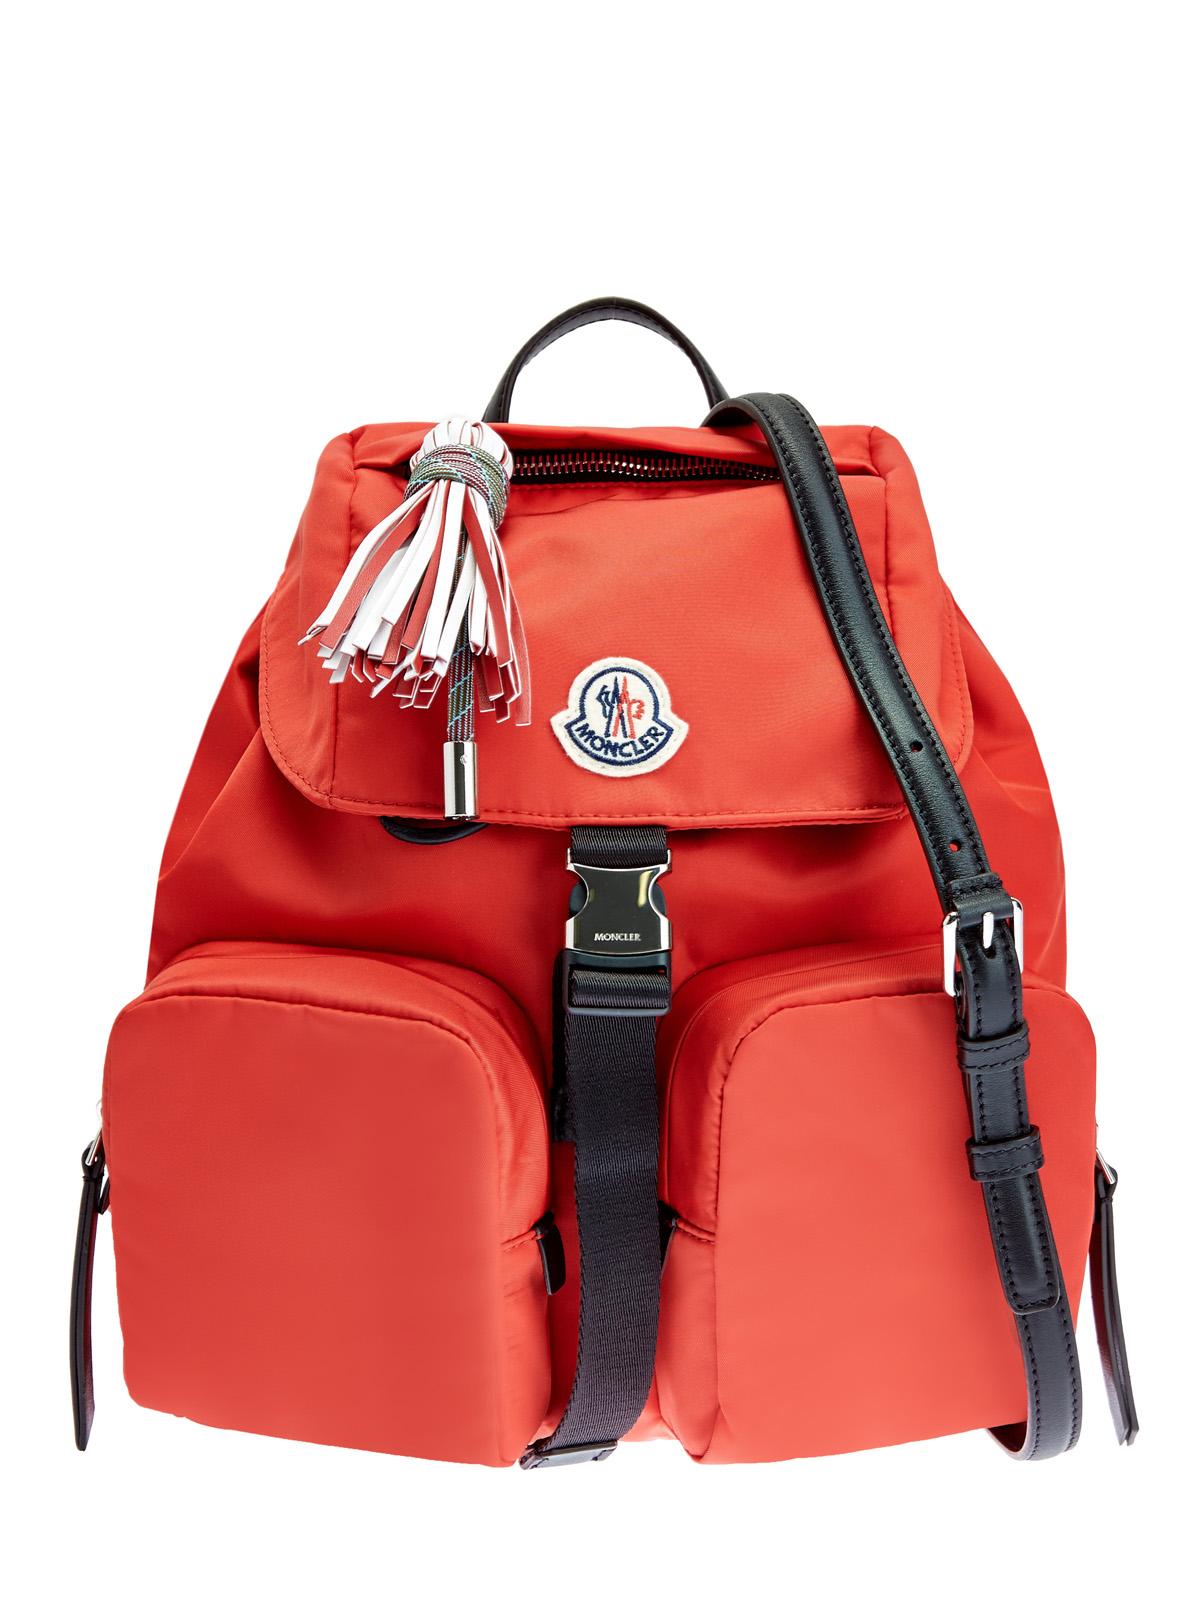 Рюкзак Dauphine из влагозащитного нейлона с объемными карманами